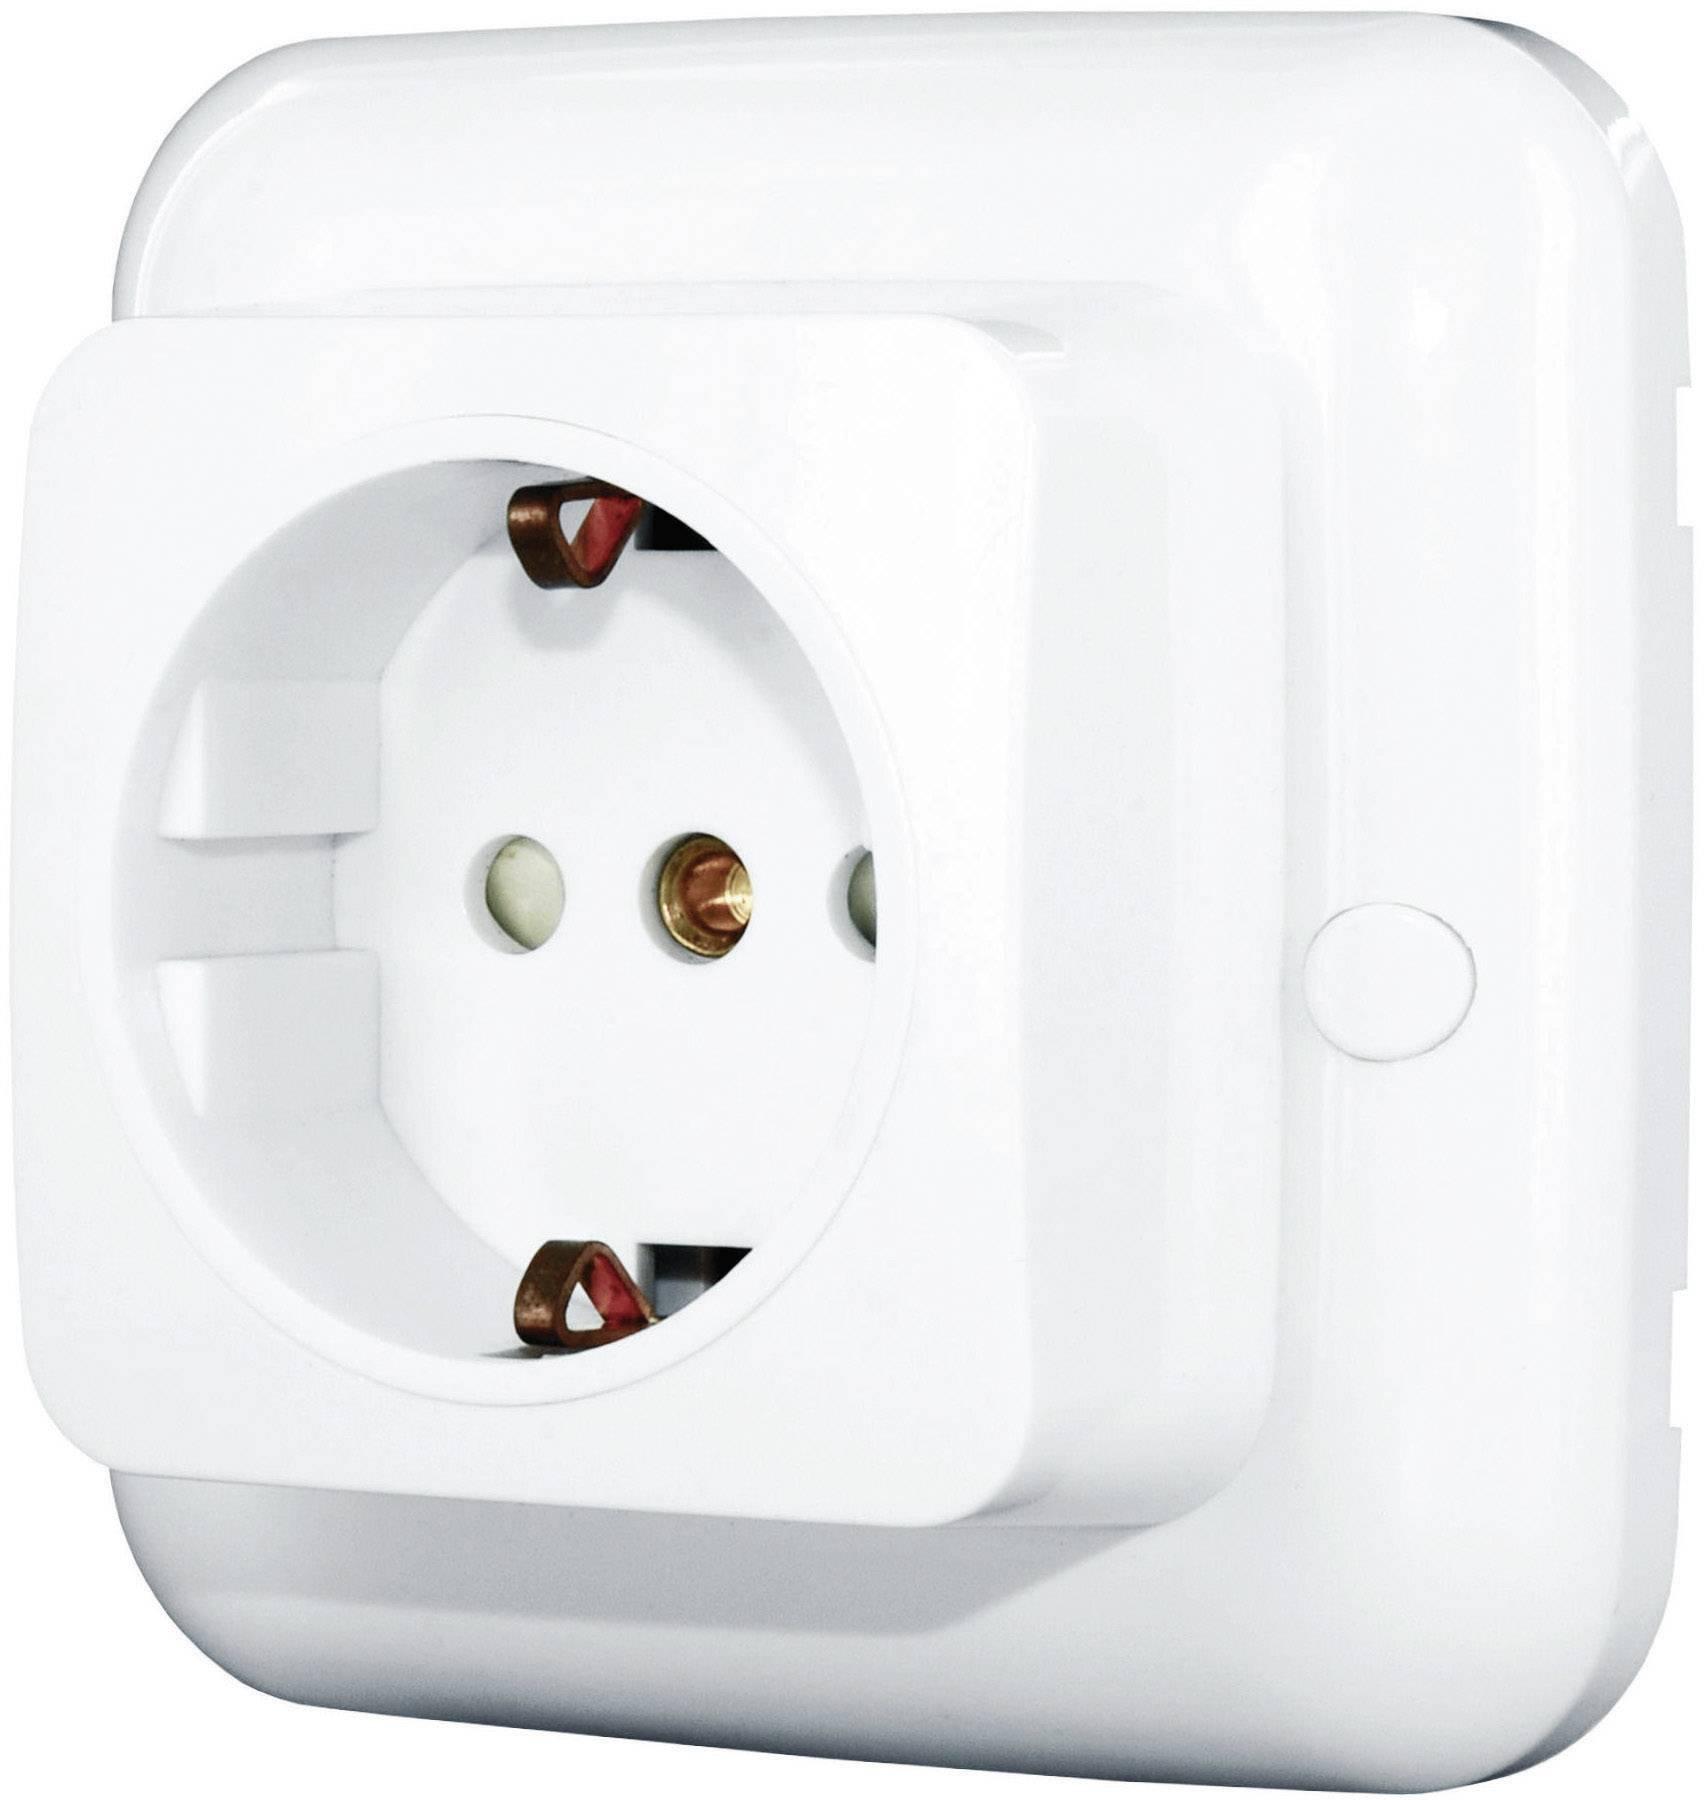 Bezdrátová zásuvka Home Easy, HE881, 1kanálová, 2300 W, 50 m